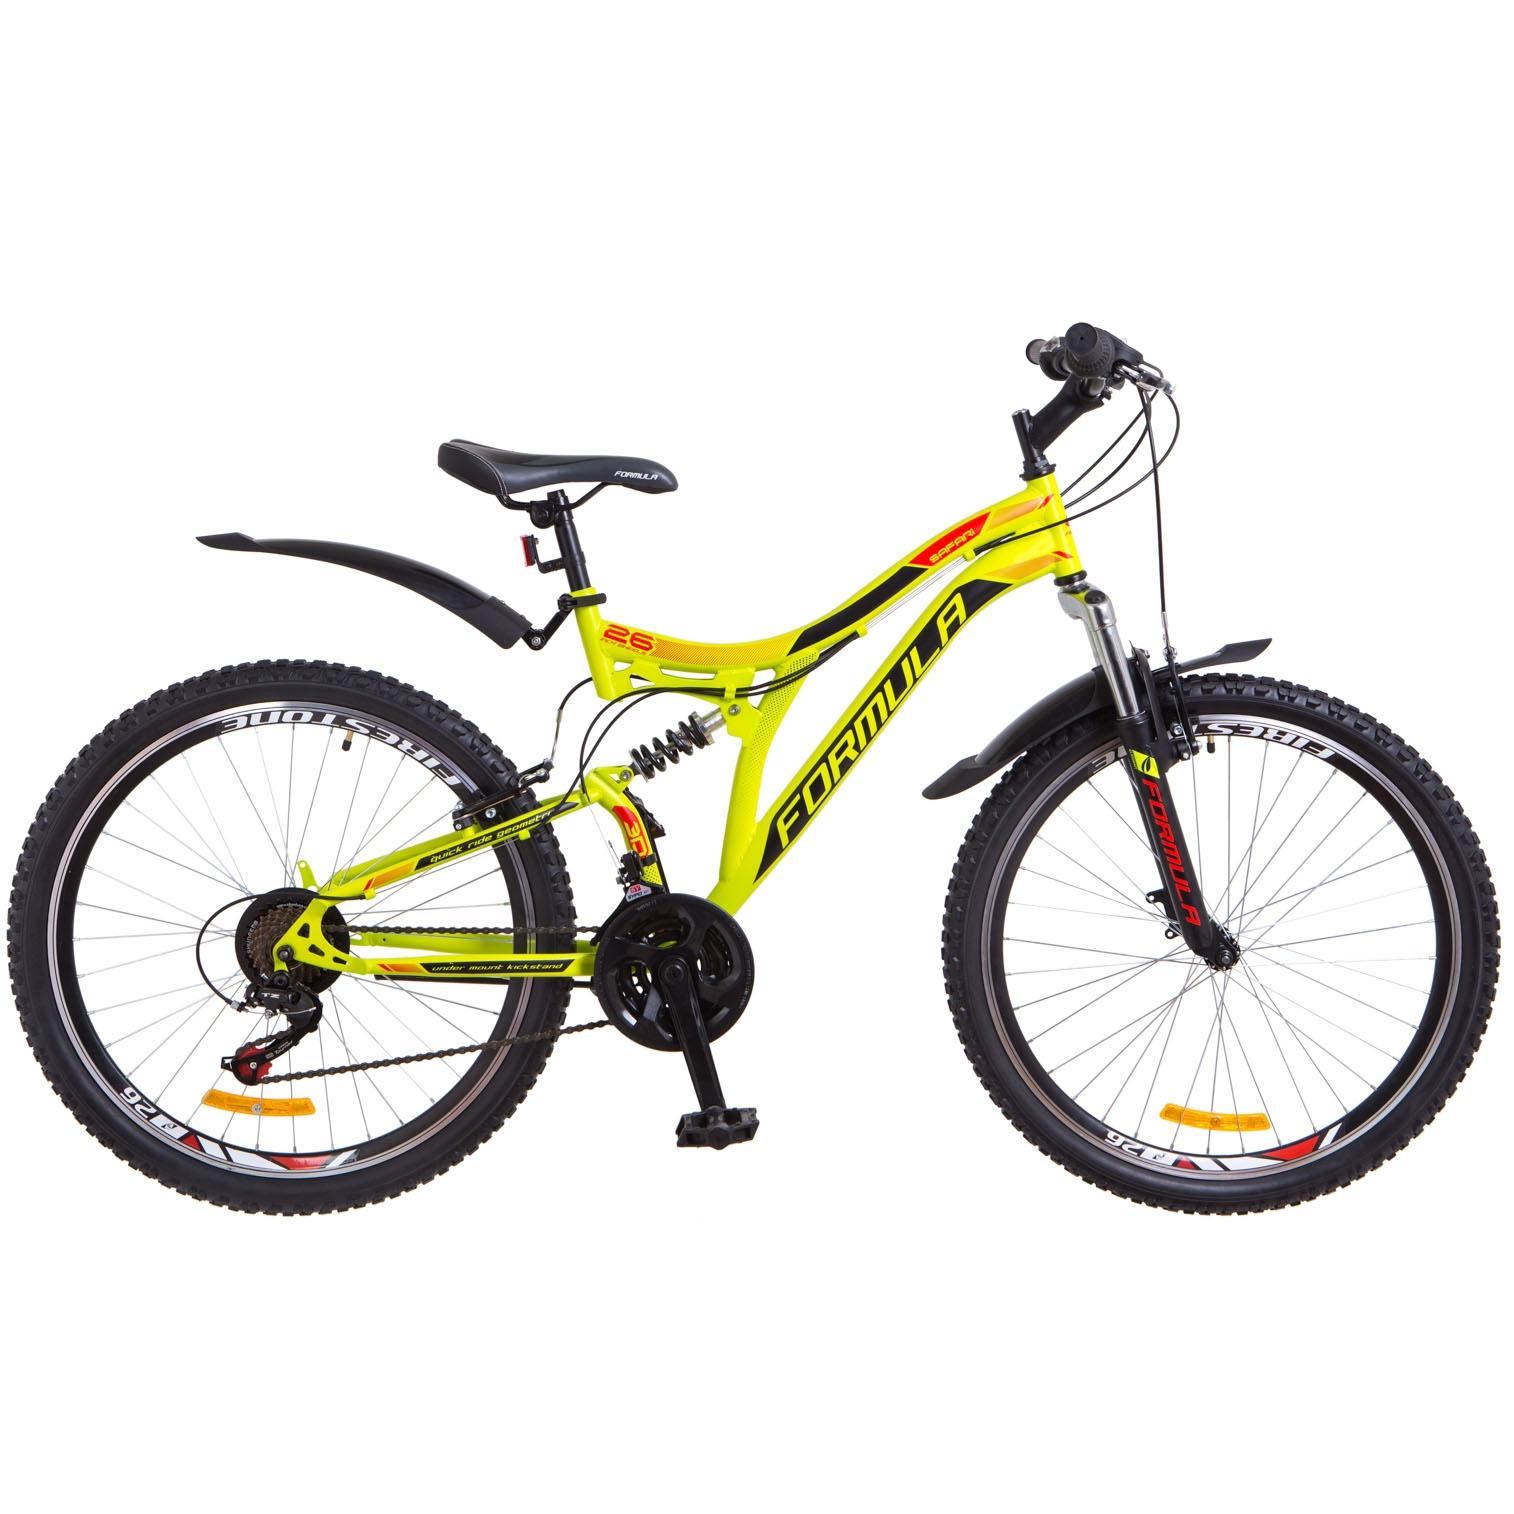 Фото Горный Велосипед 26 Formula SAFARI салатно-оранжевый 2018